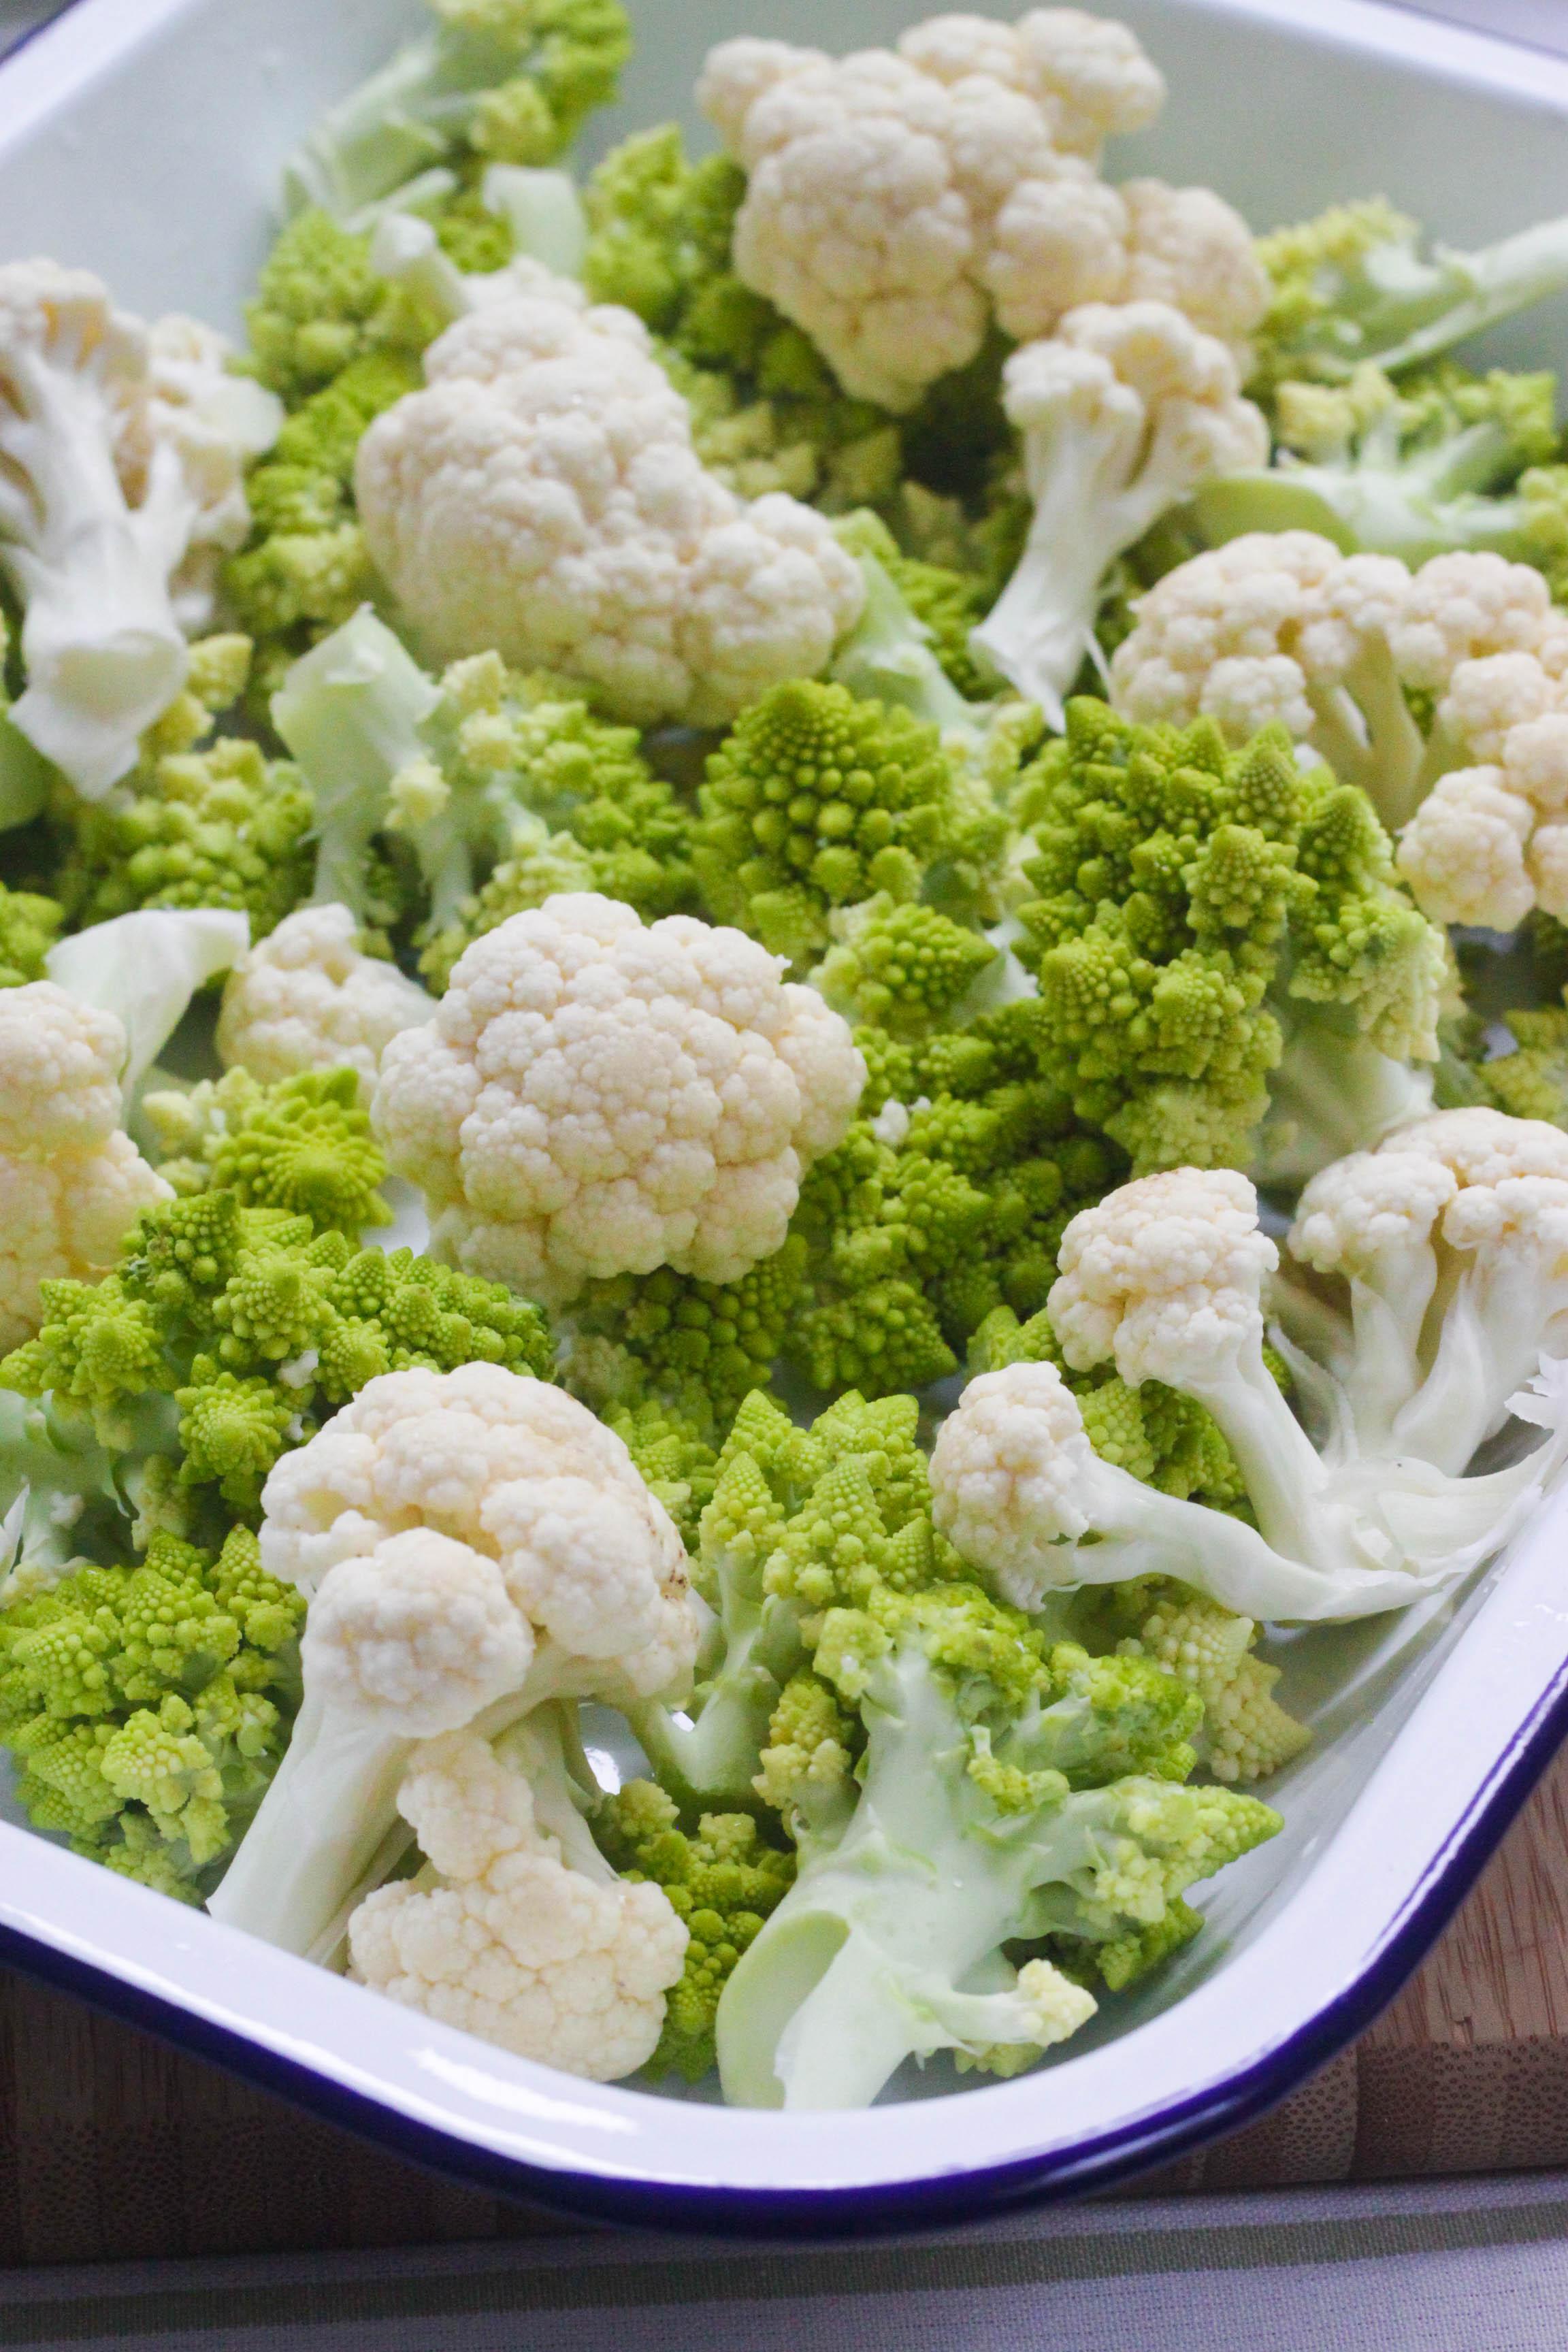 romanesco broccoli how to cook